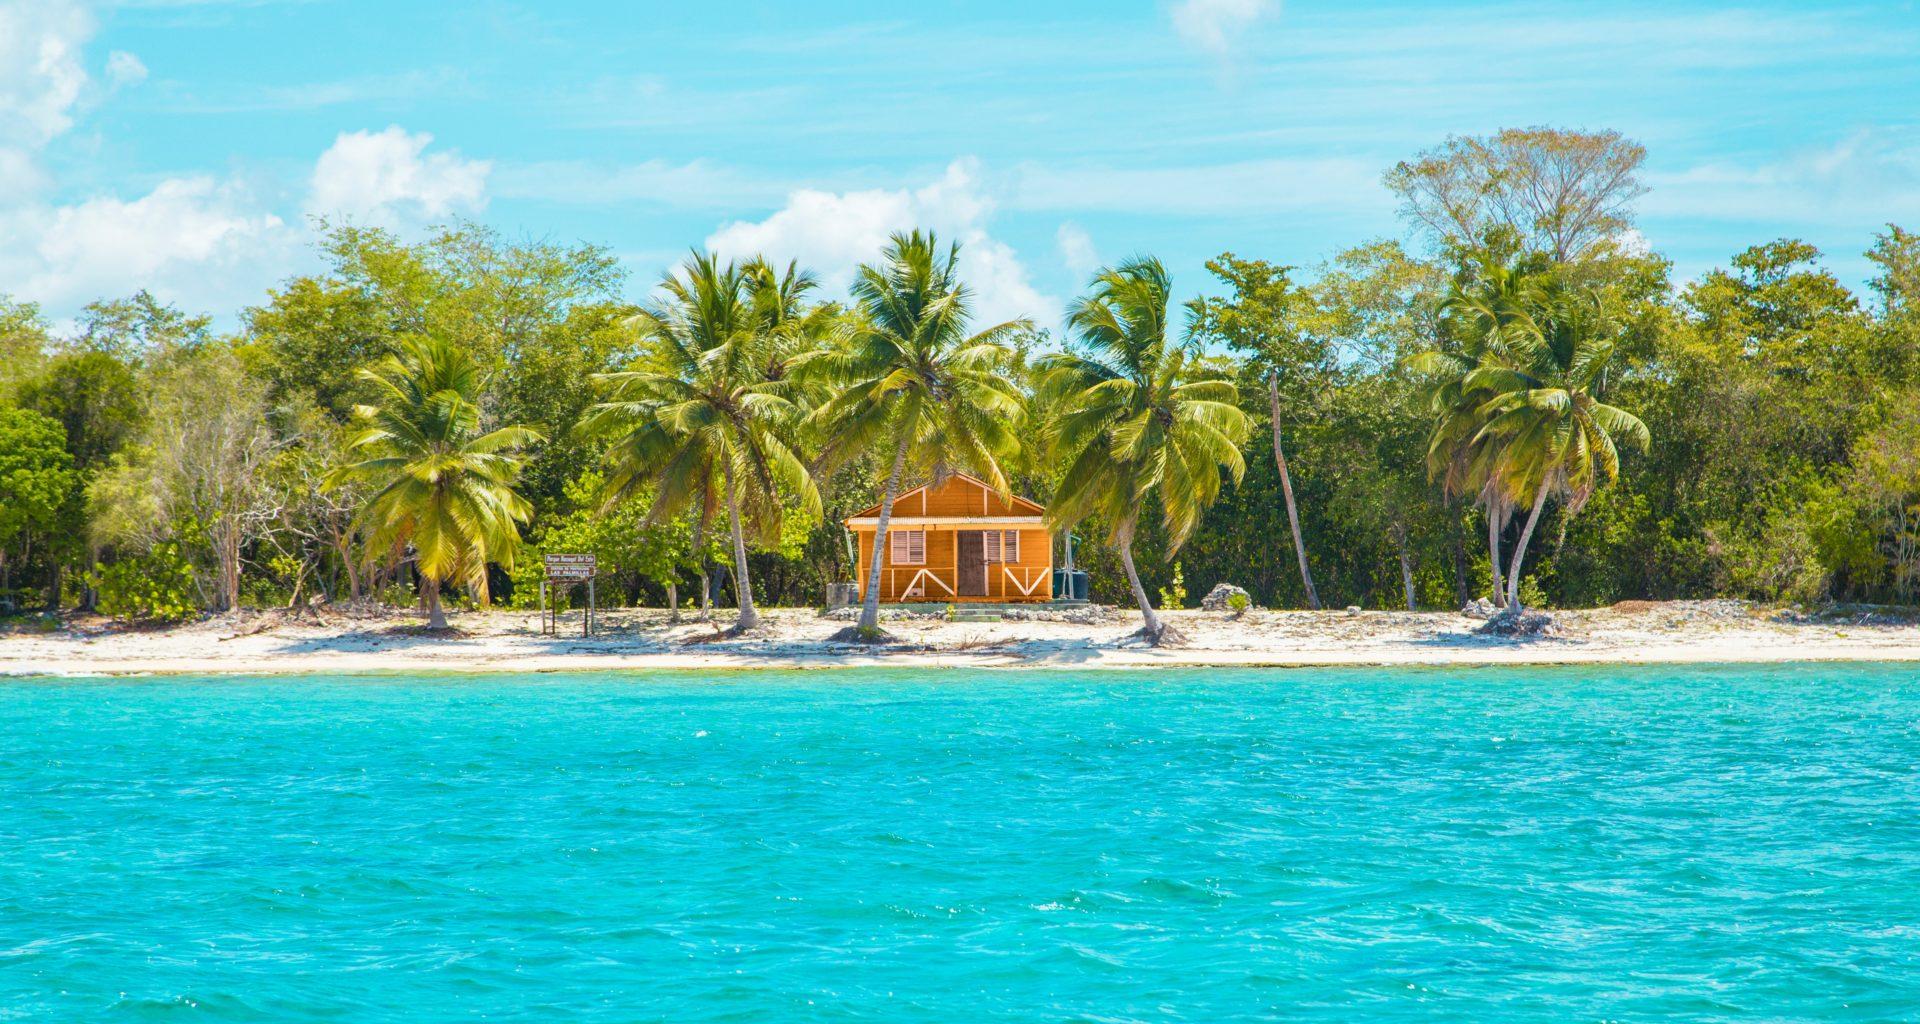 St. Kitts and Nevis Honeymoon